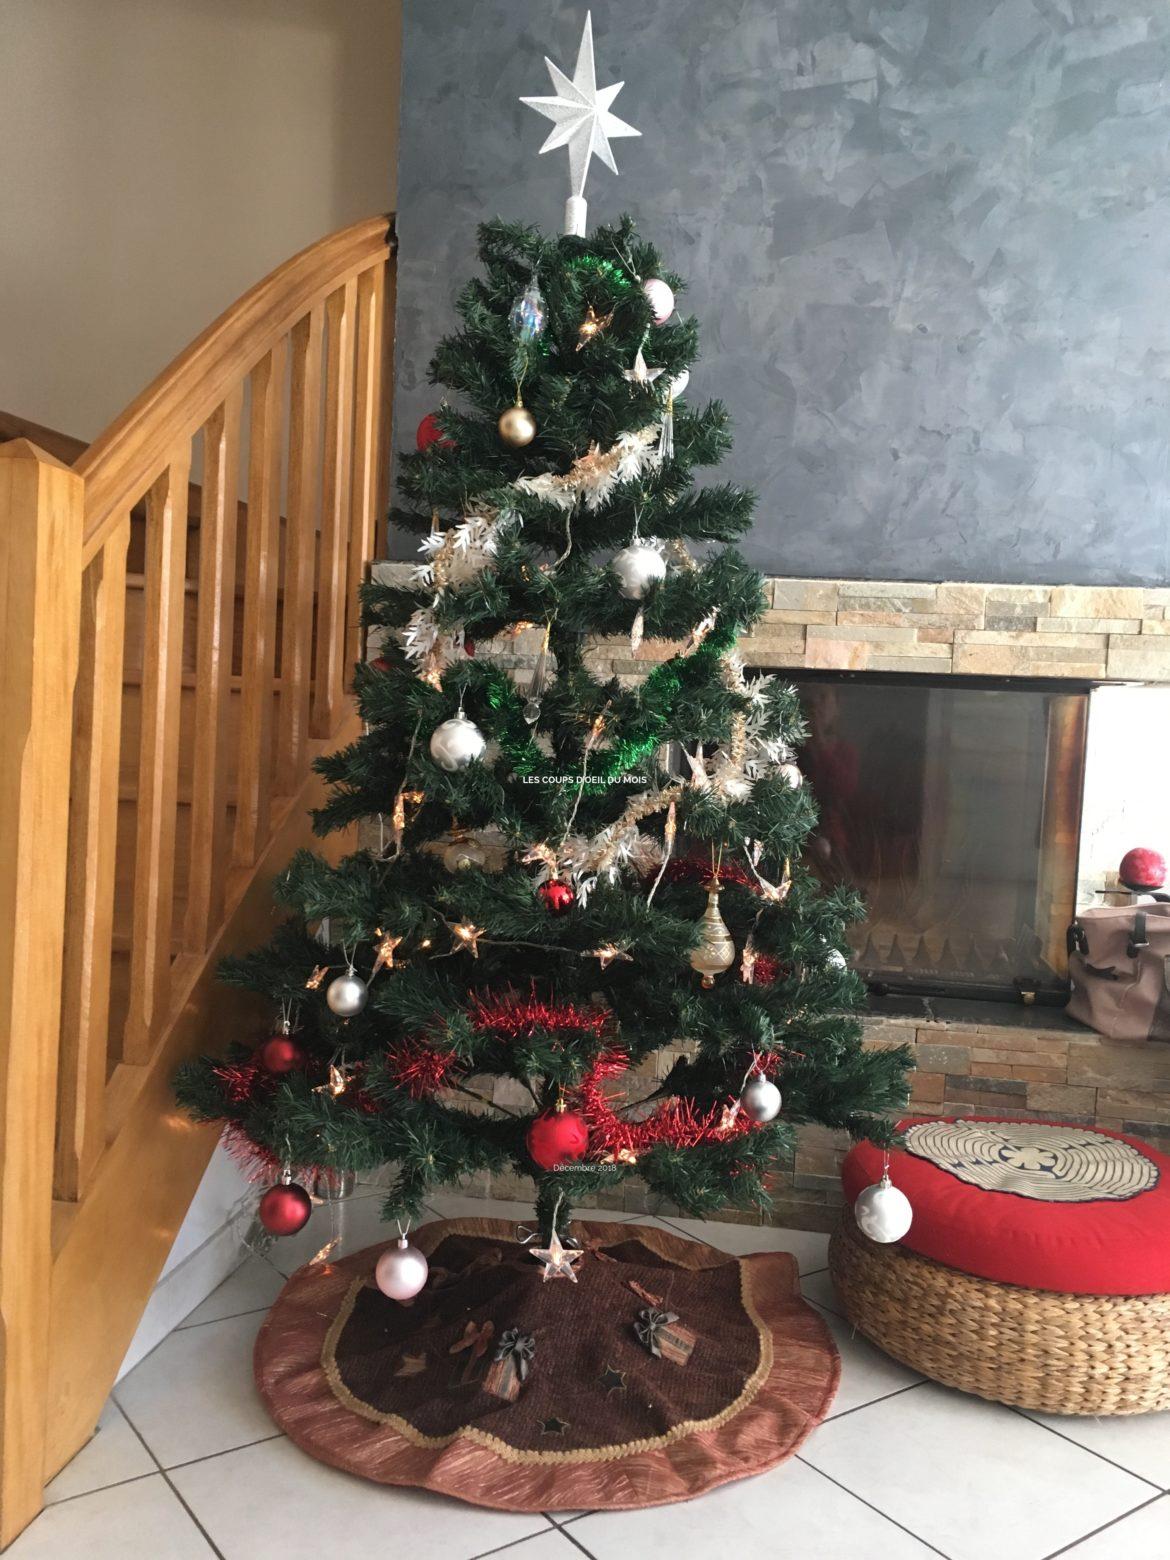 Les coups d'oeil du mois décembre 2018 sur un sapin de Noël décoré